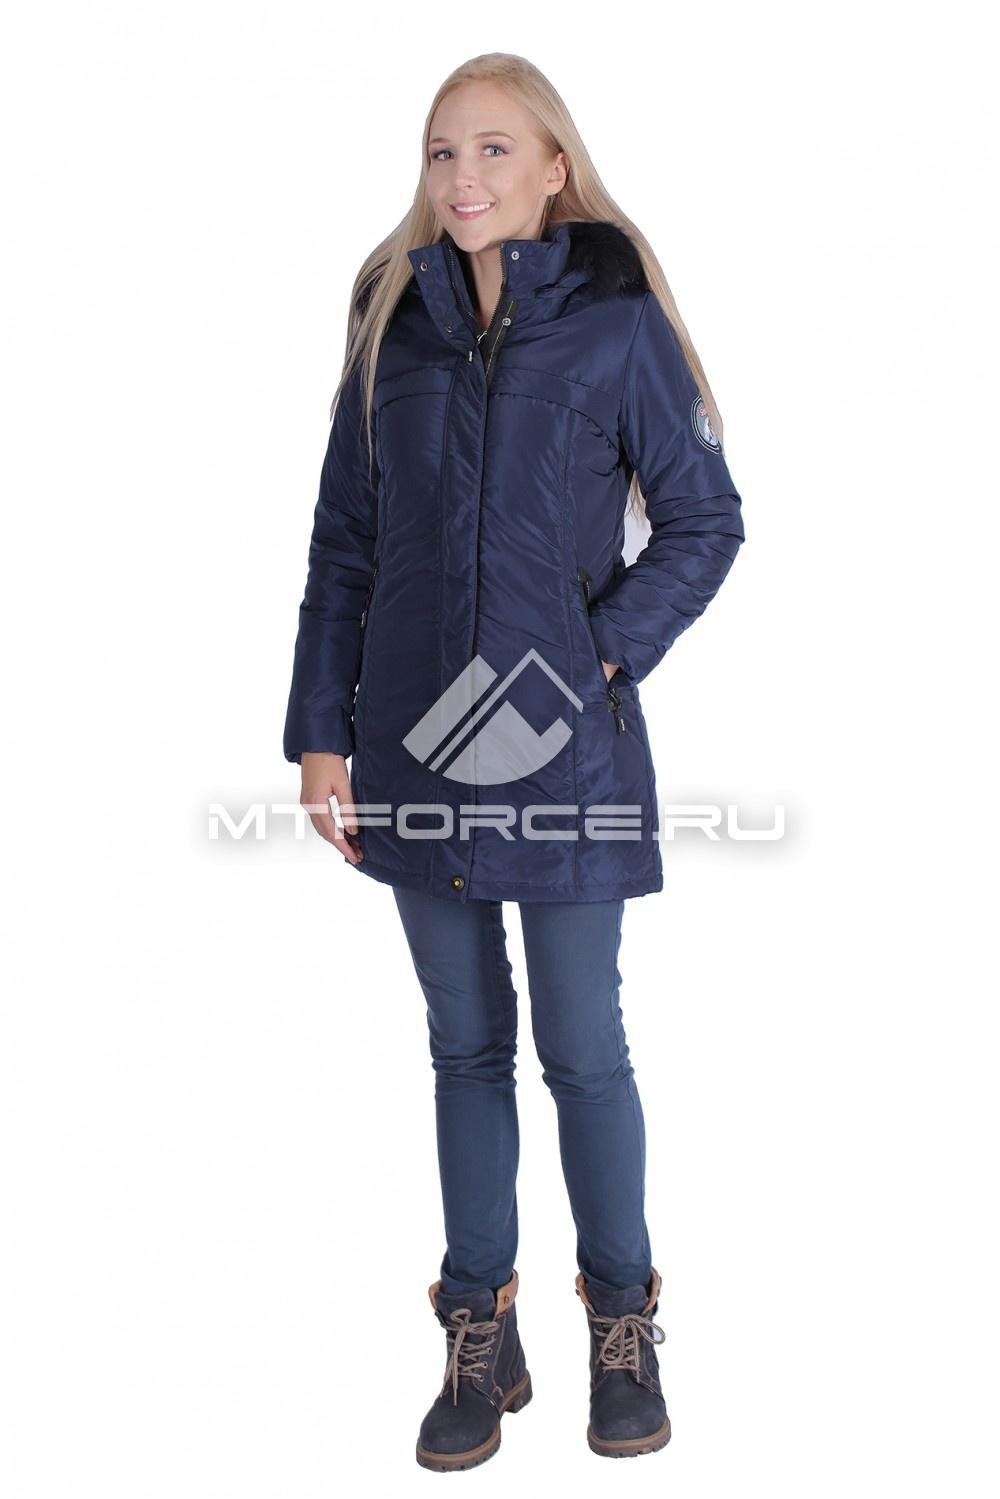 Купить                                  оптом Итальянская куртка женская темно-синего цвета 1696TS